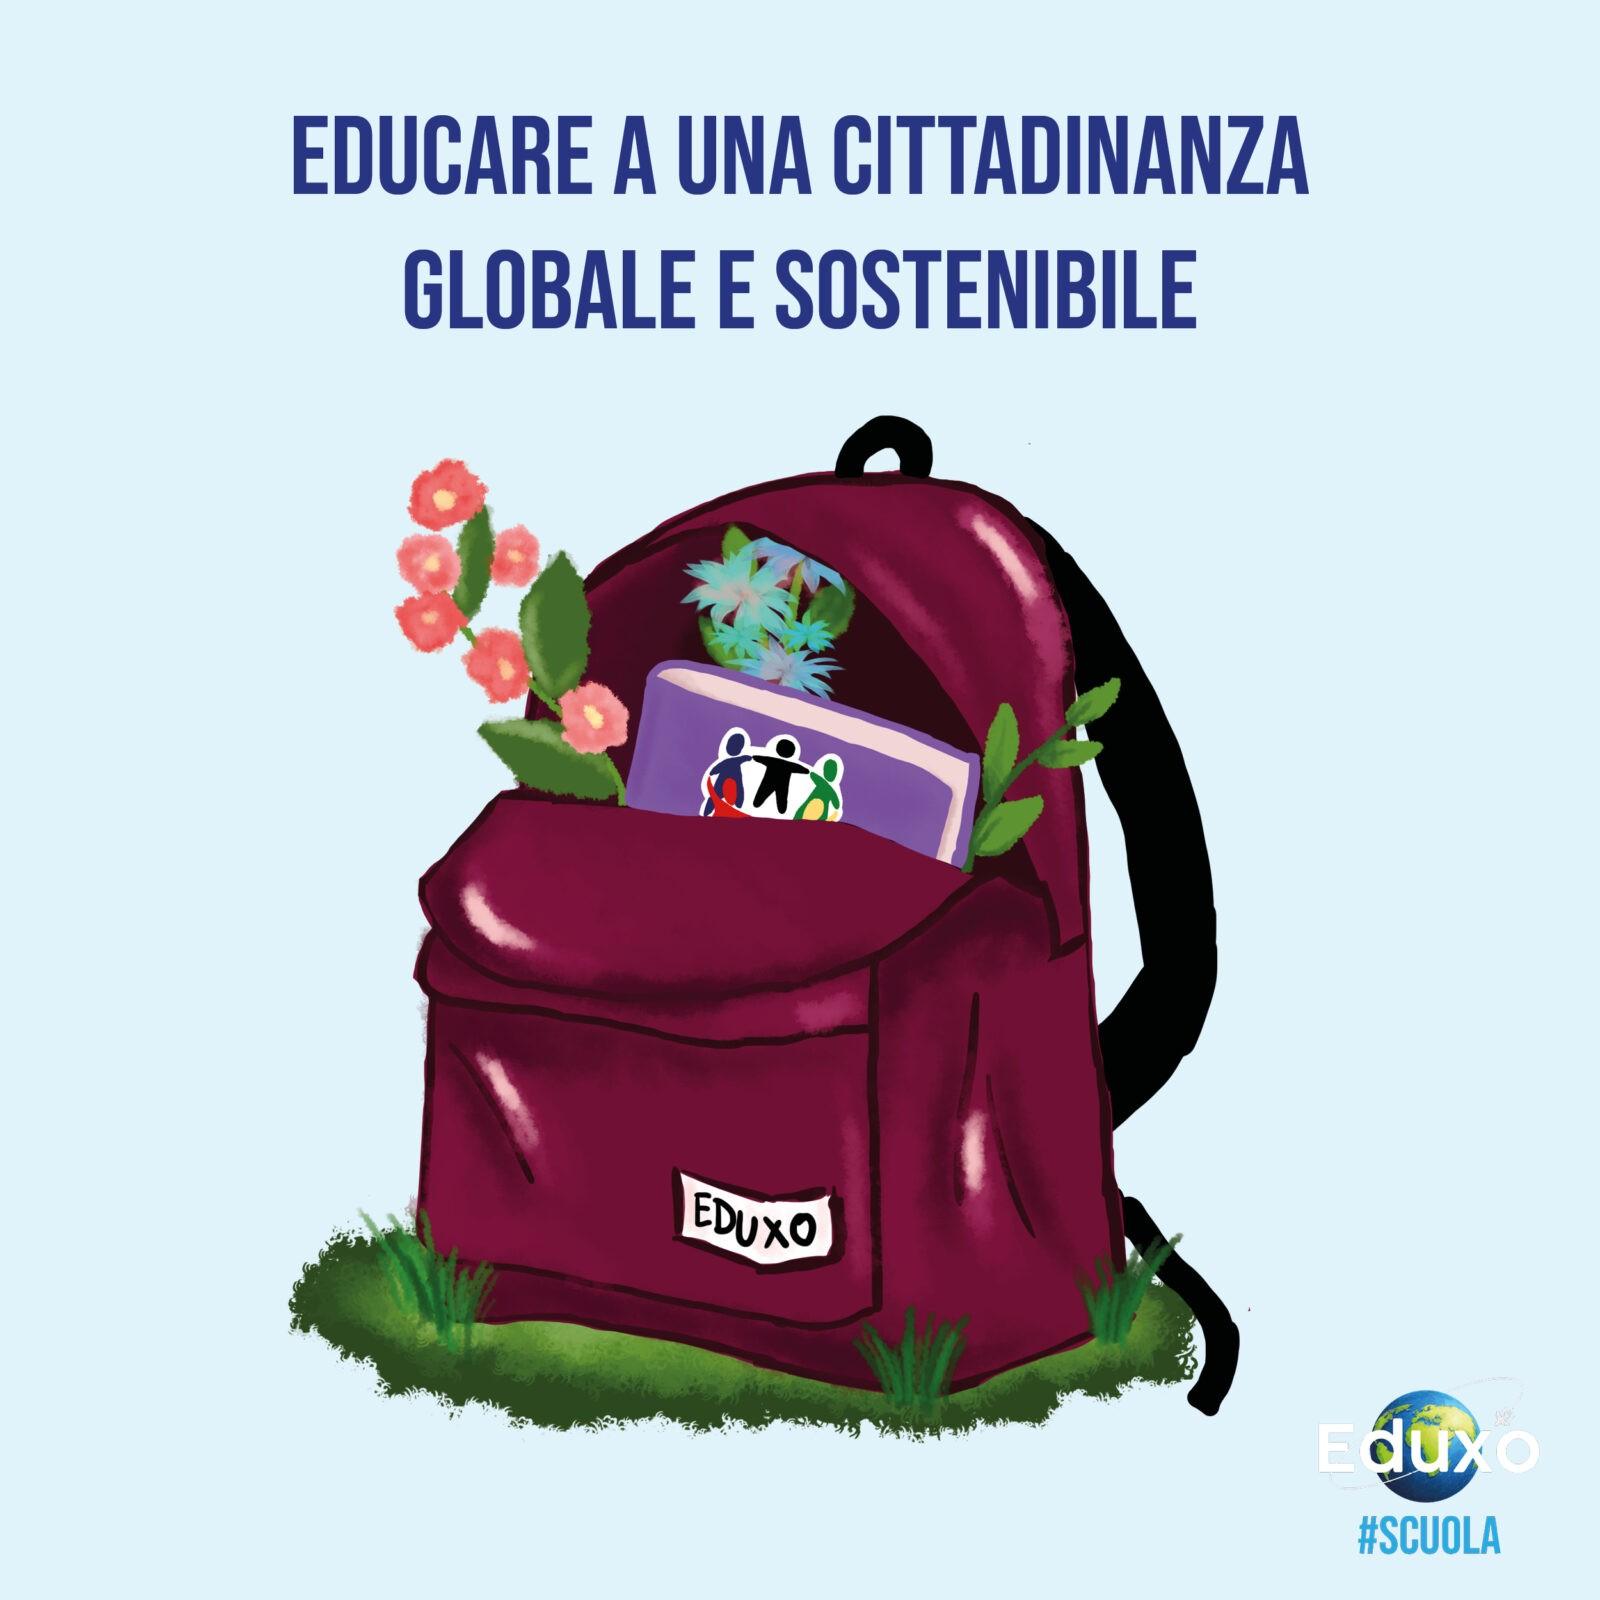 Educare ad una cittadinanza globale e sostenibile